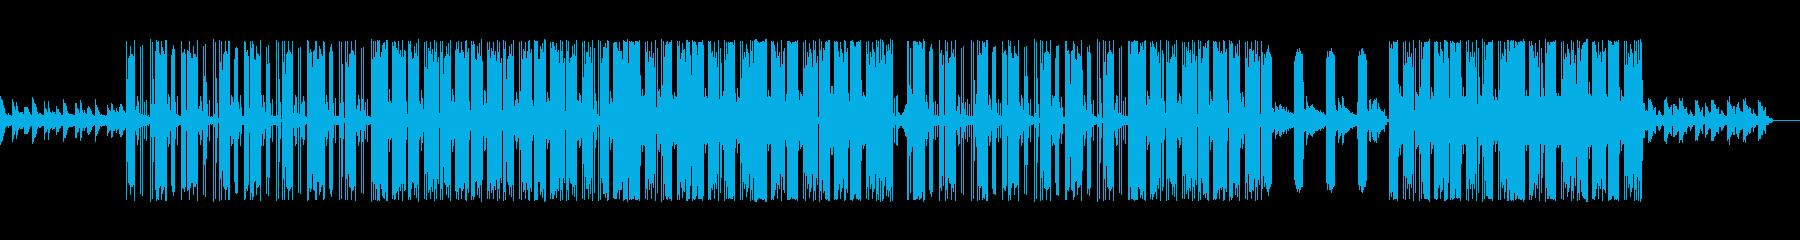 ダーク 不気味 Trap ビートの再生済みの波形